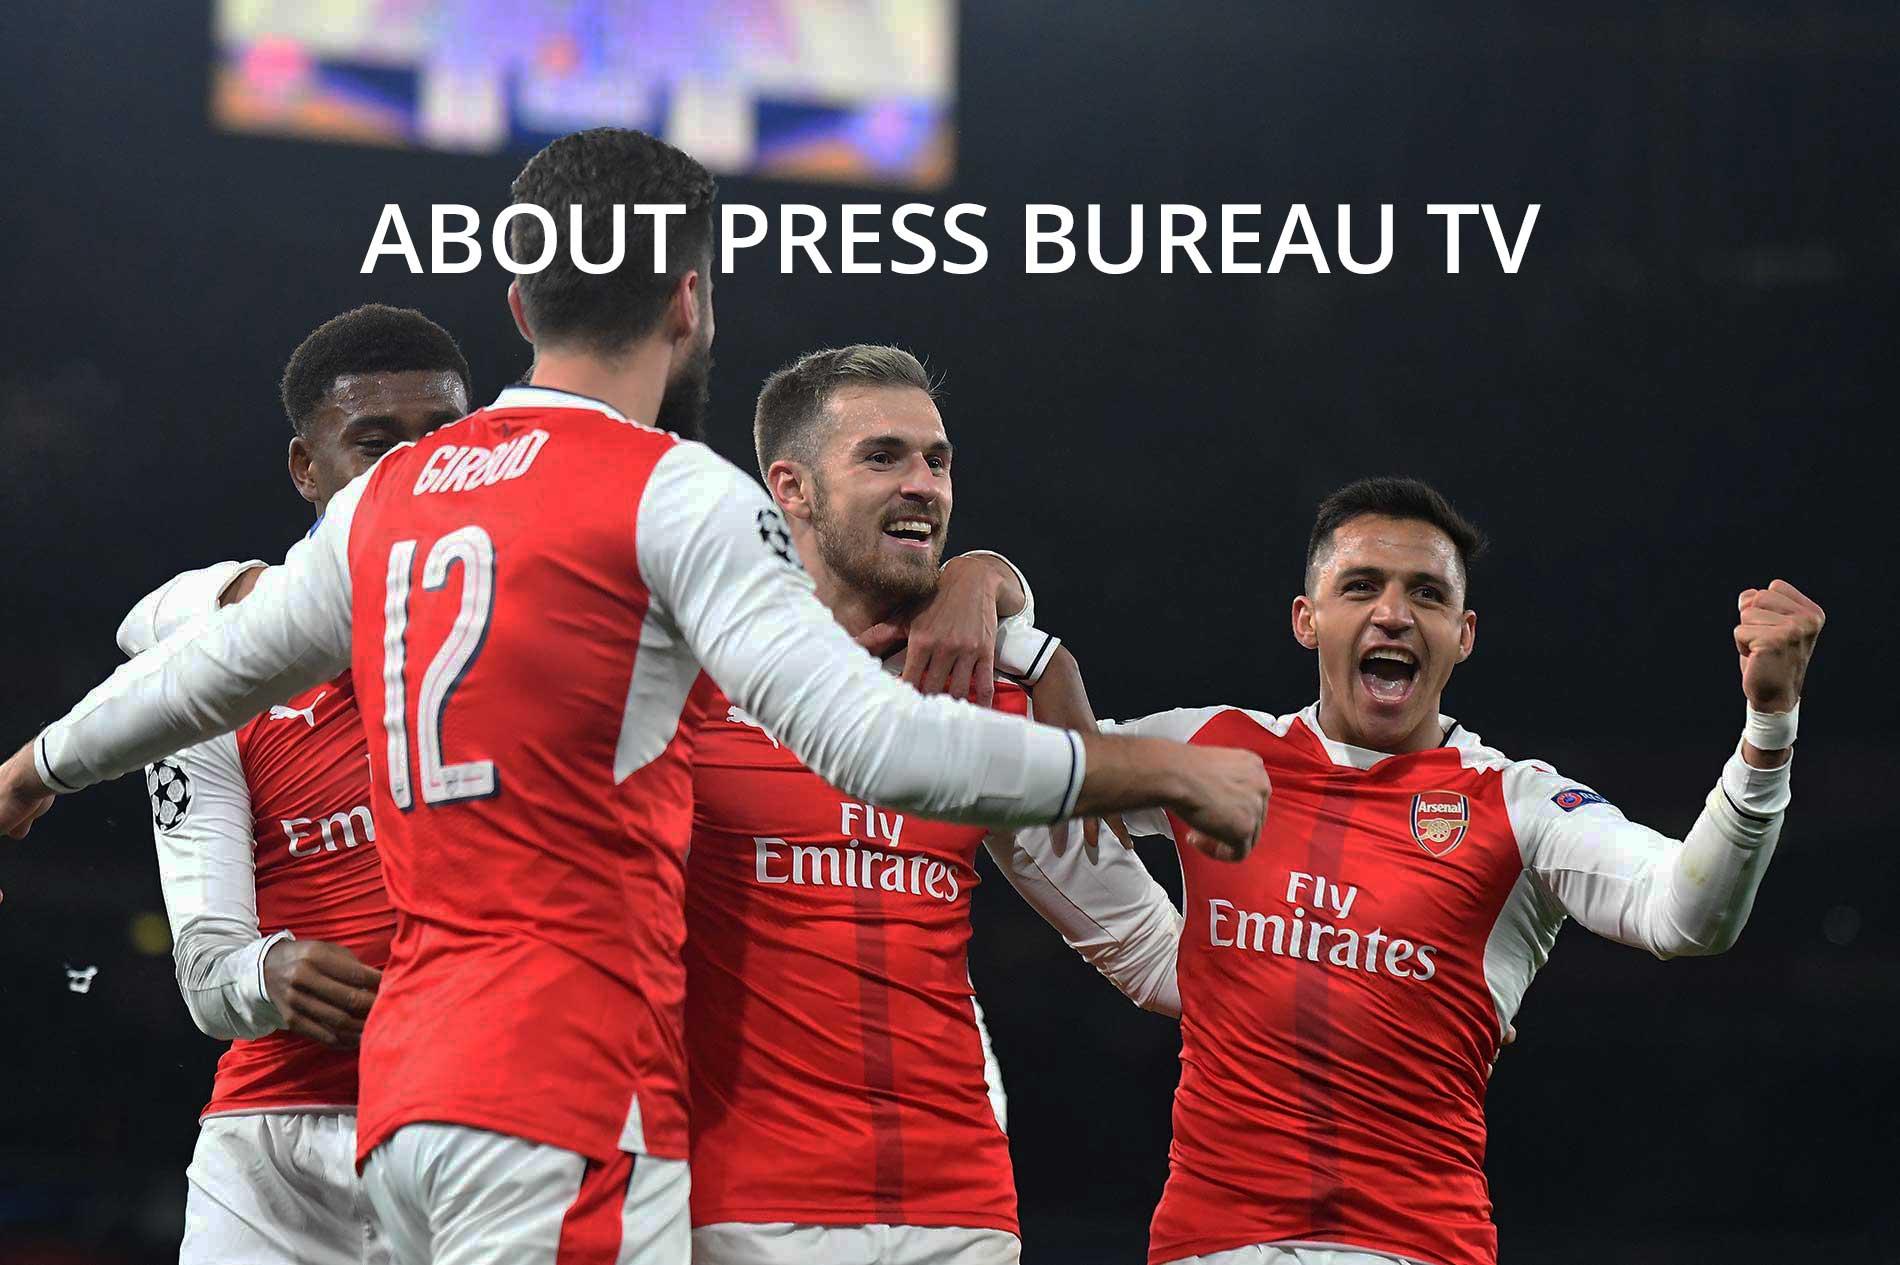 About Press Bureau TV